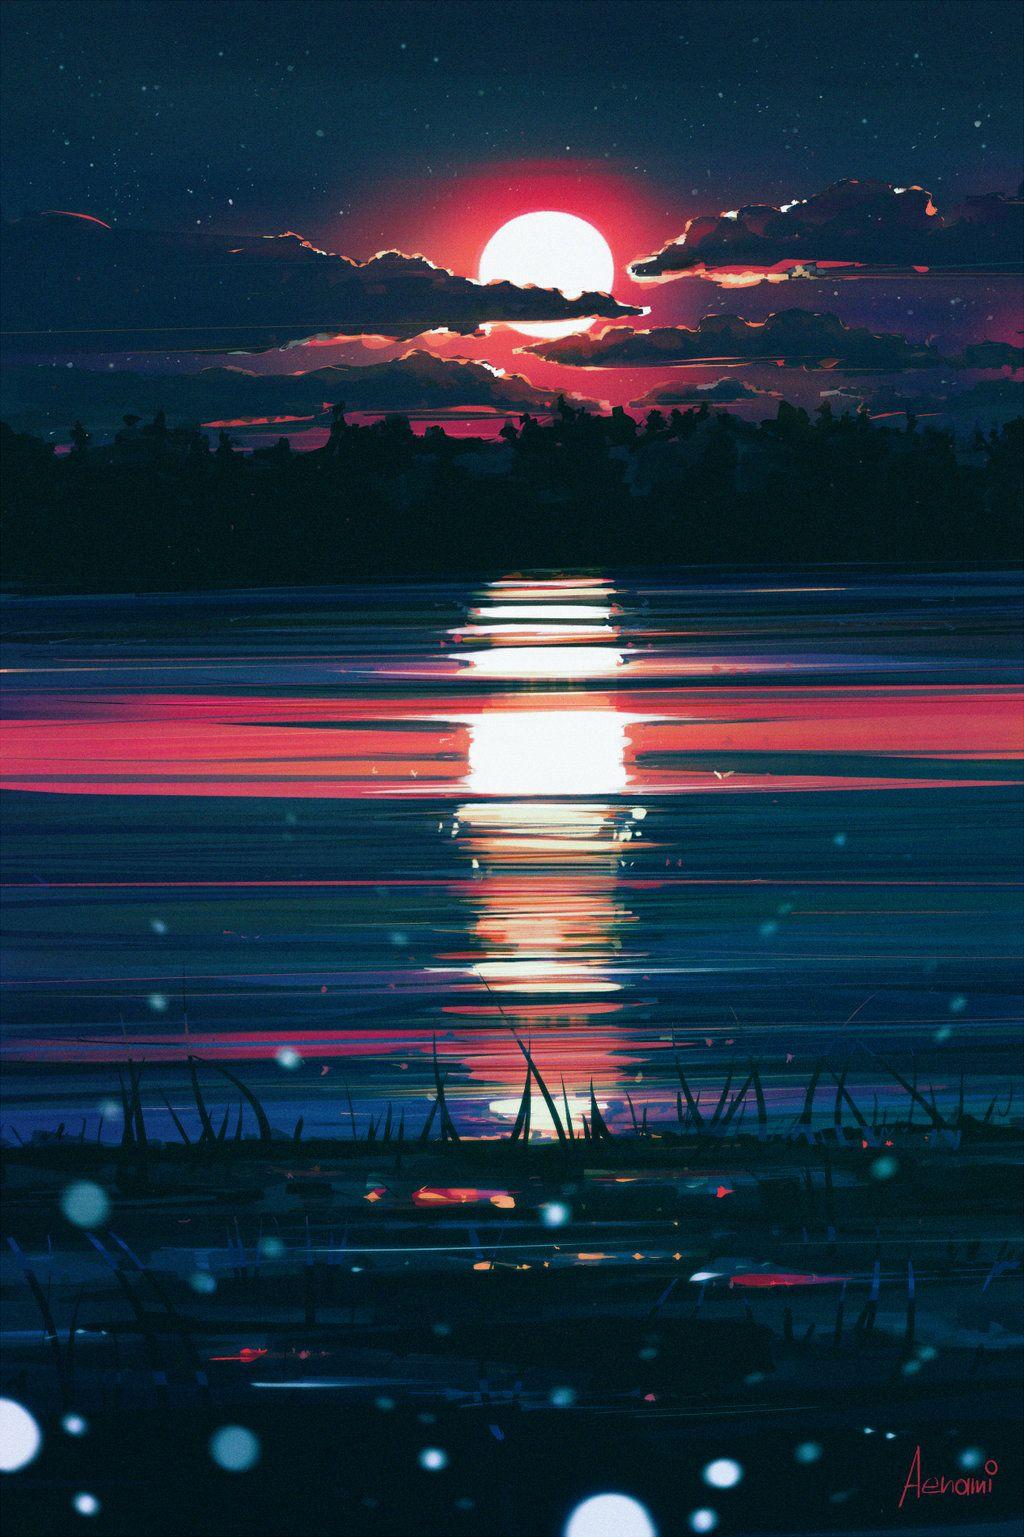 Midnight by Aenami on DeviantArt